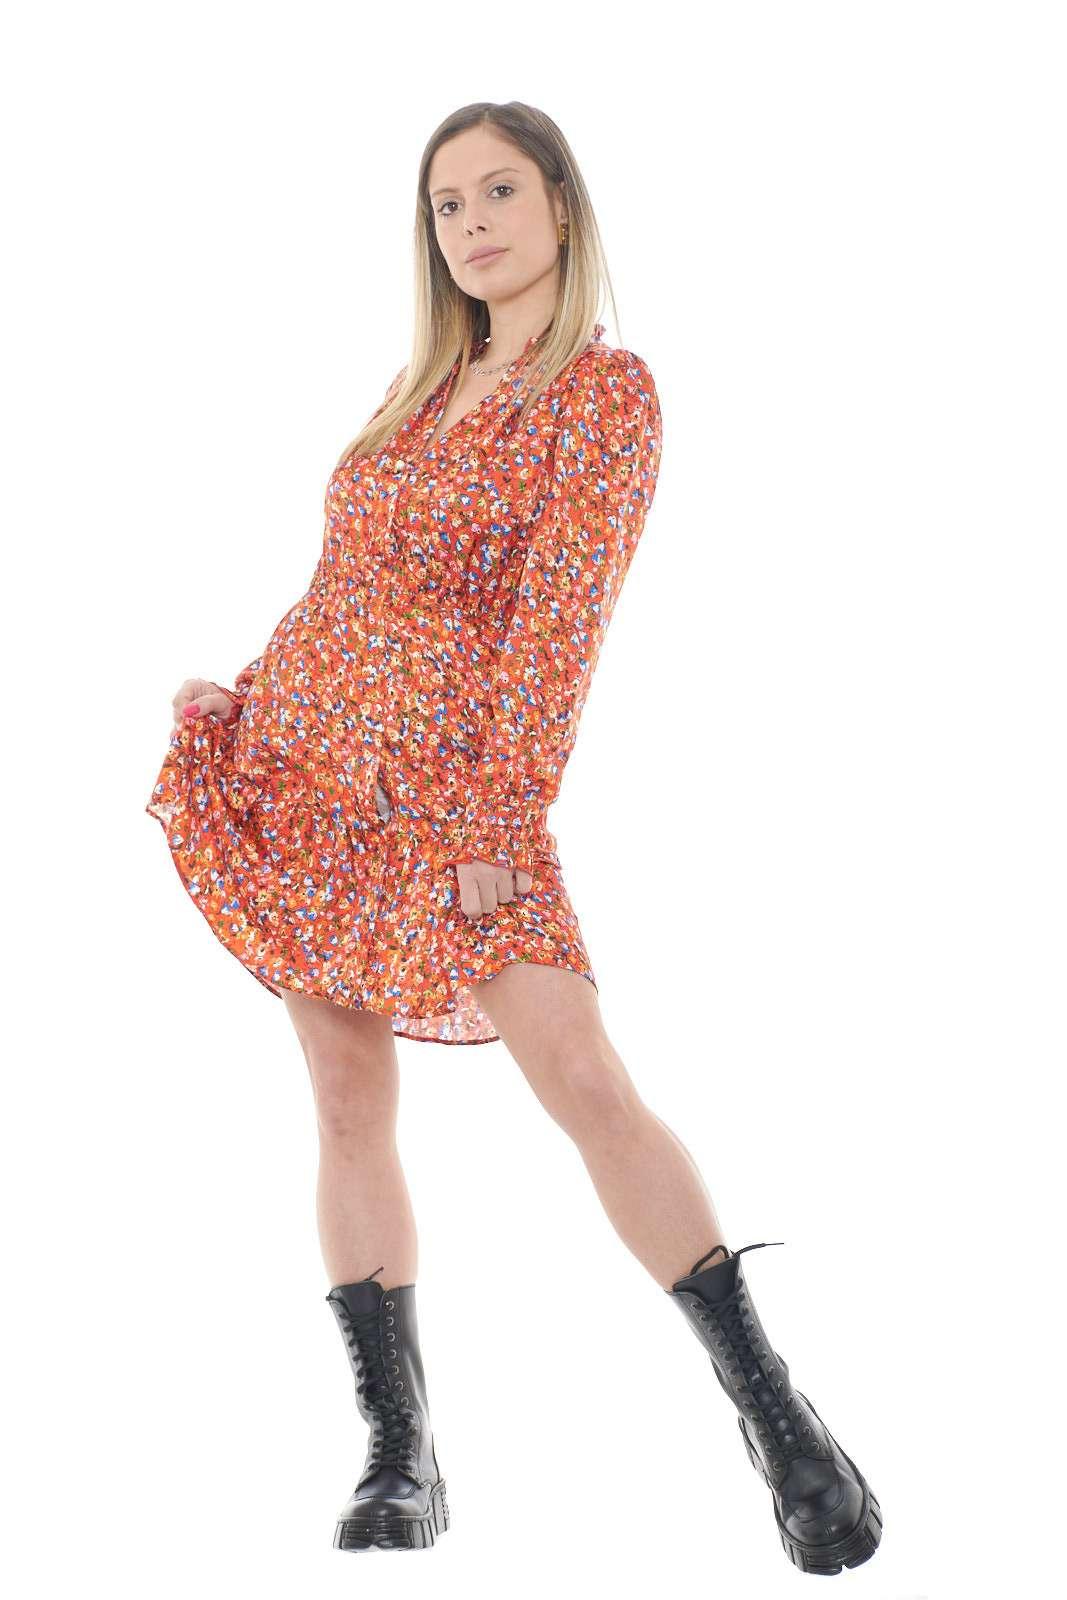 Femminile e pratico il nuovo abito NOMADE proposto dalla collezione donna spring summer di Pinko. Il modello camicier si impone per un look versatile e ideato sia per occasioni formali che più quotidiane. Con uno stivale alto o con una sneaker è una soluzione anche per la donna più esigente.